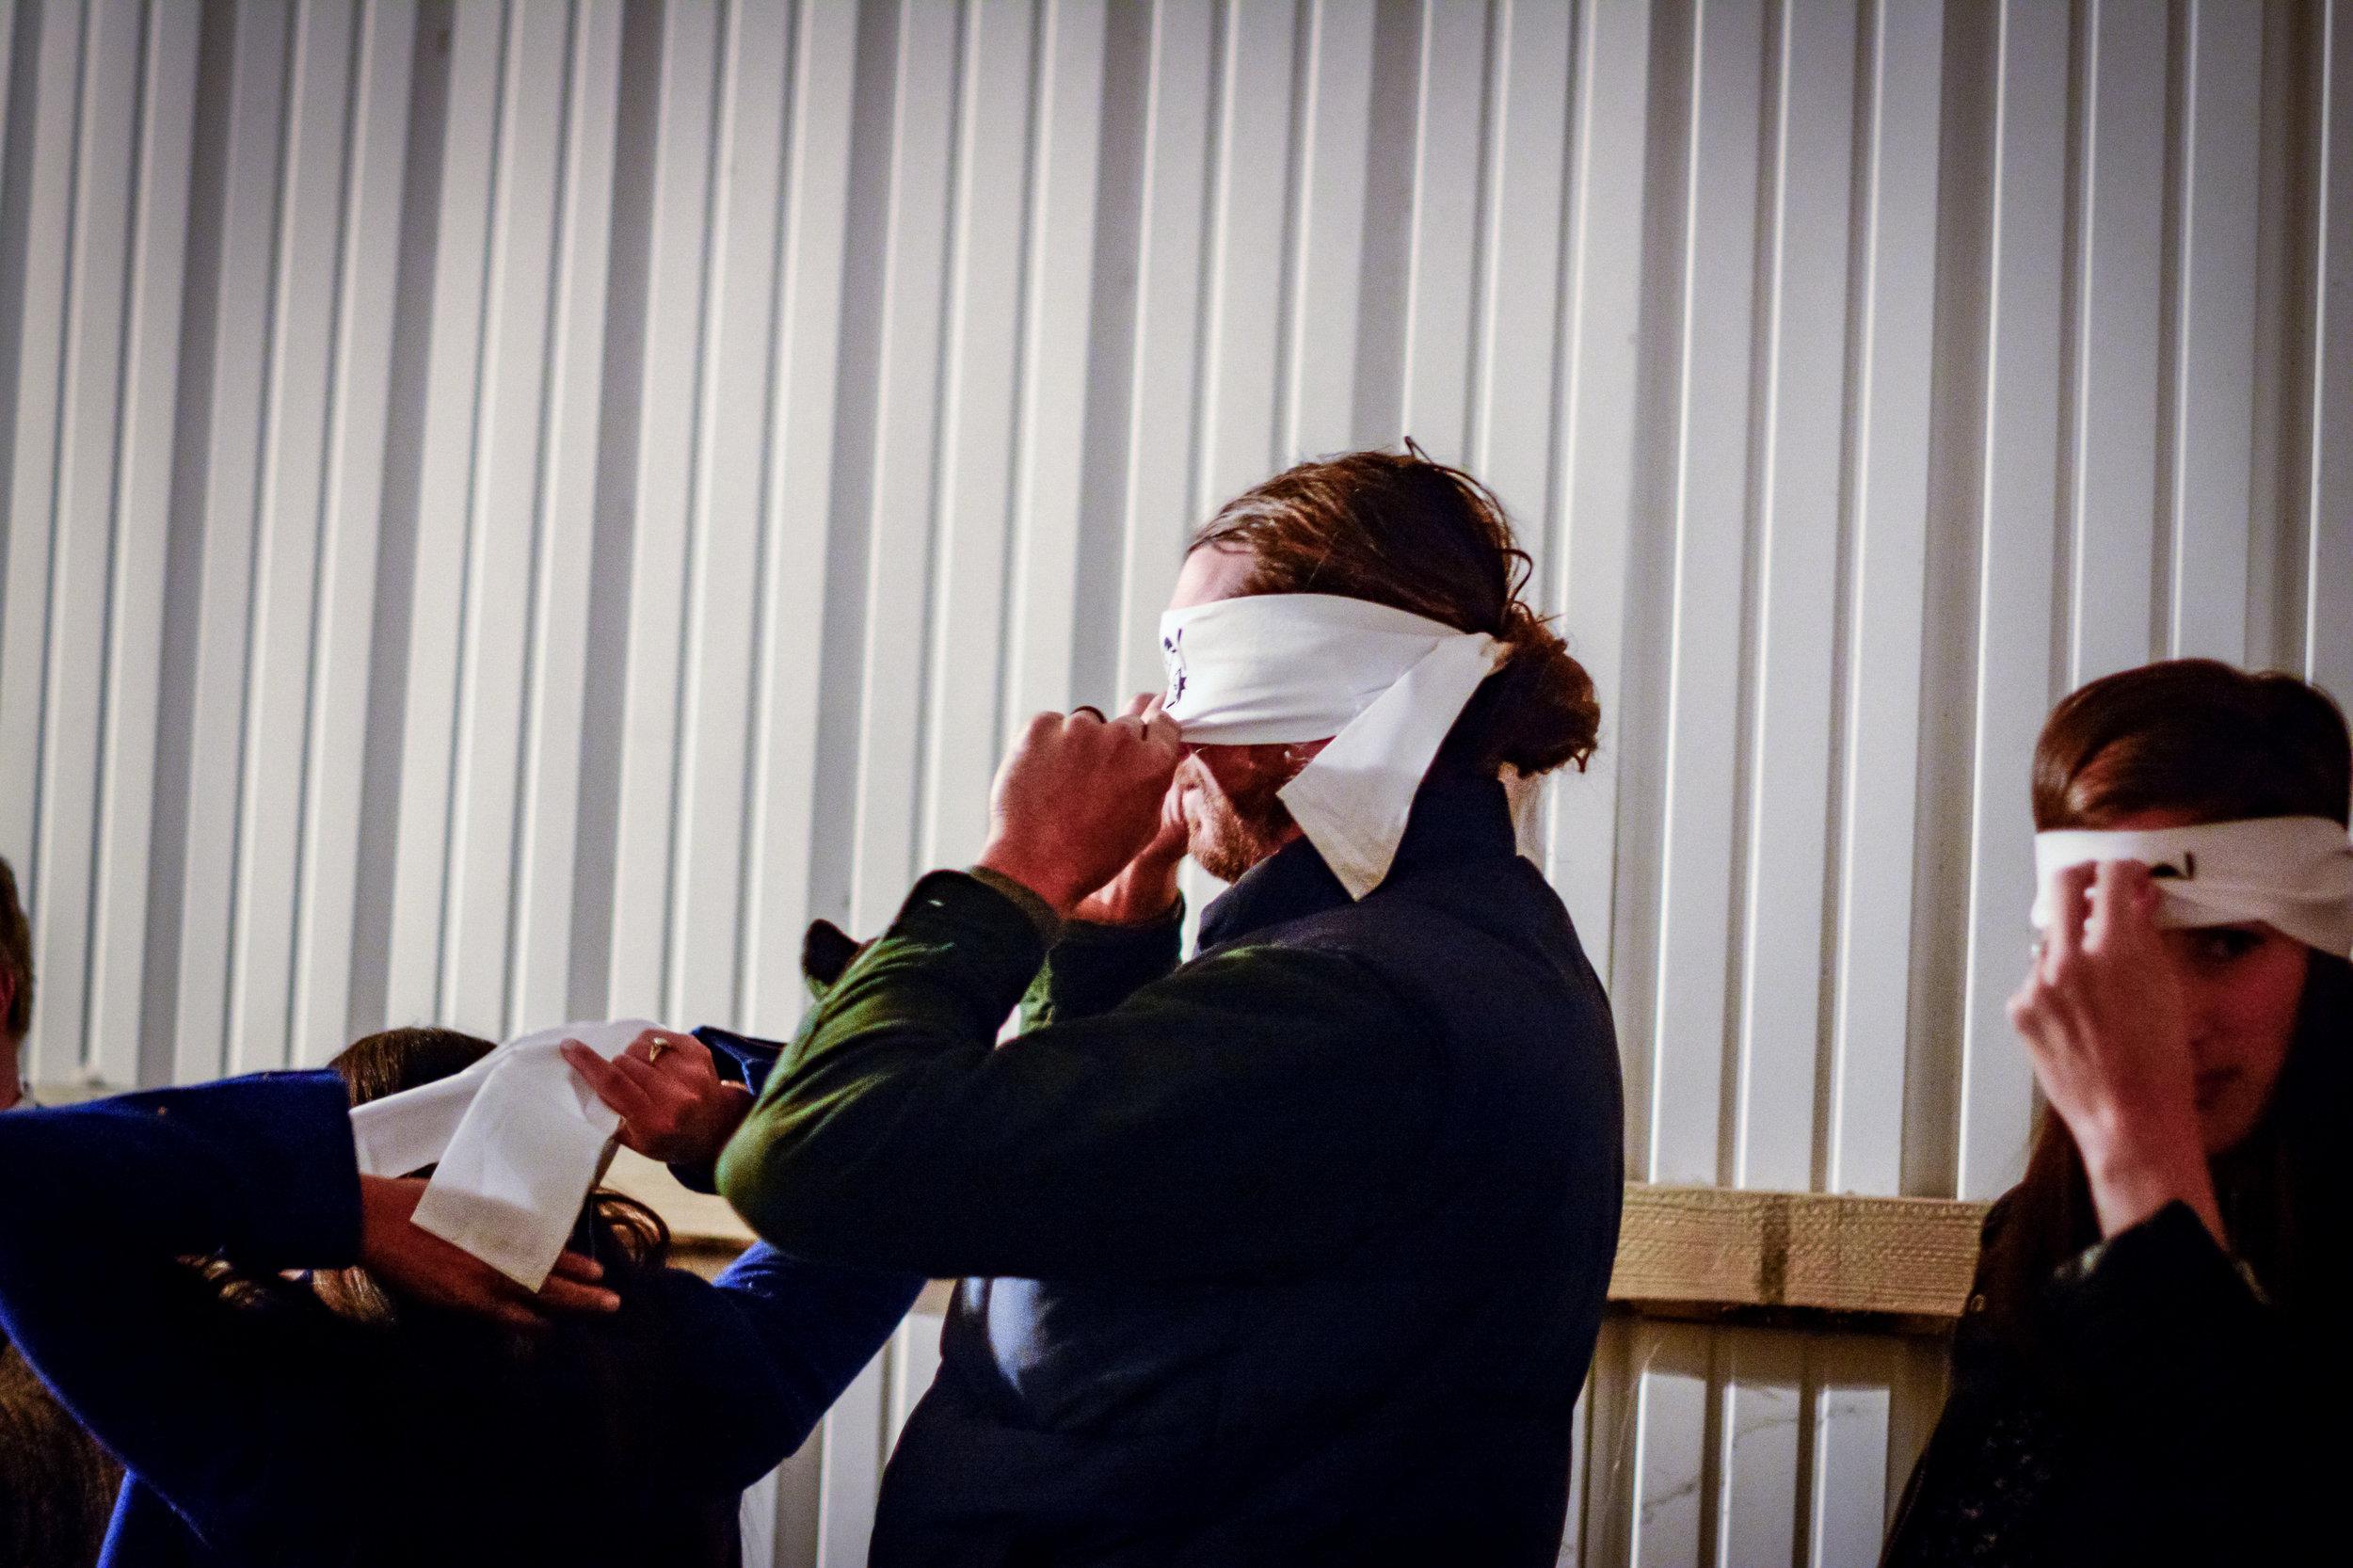 blindfold_trustfall_11-10-18_9983.jpg